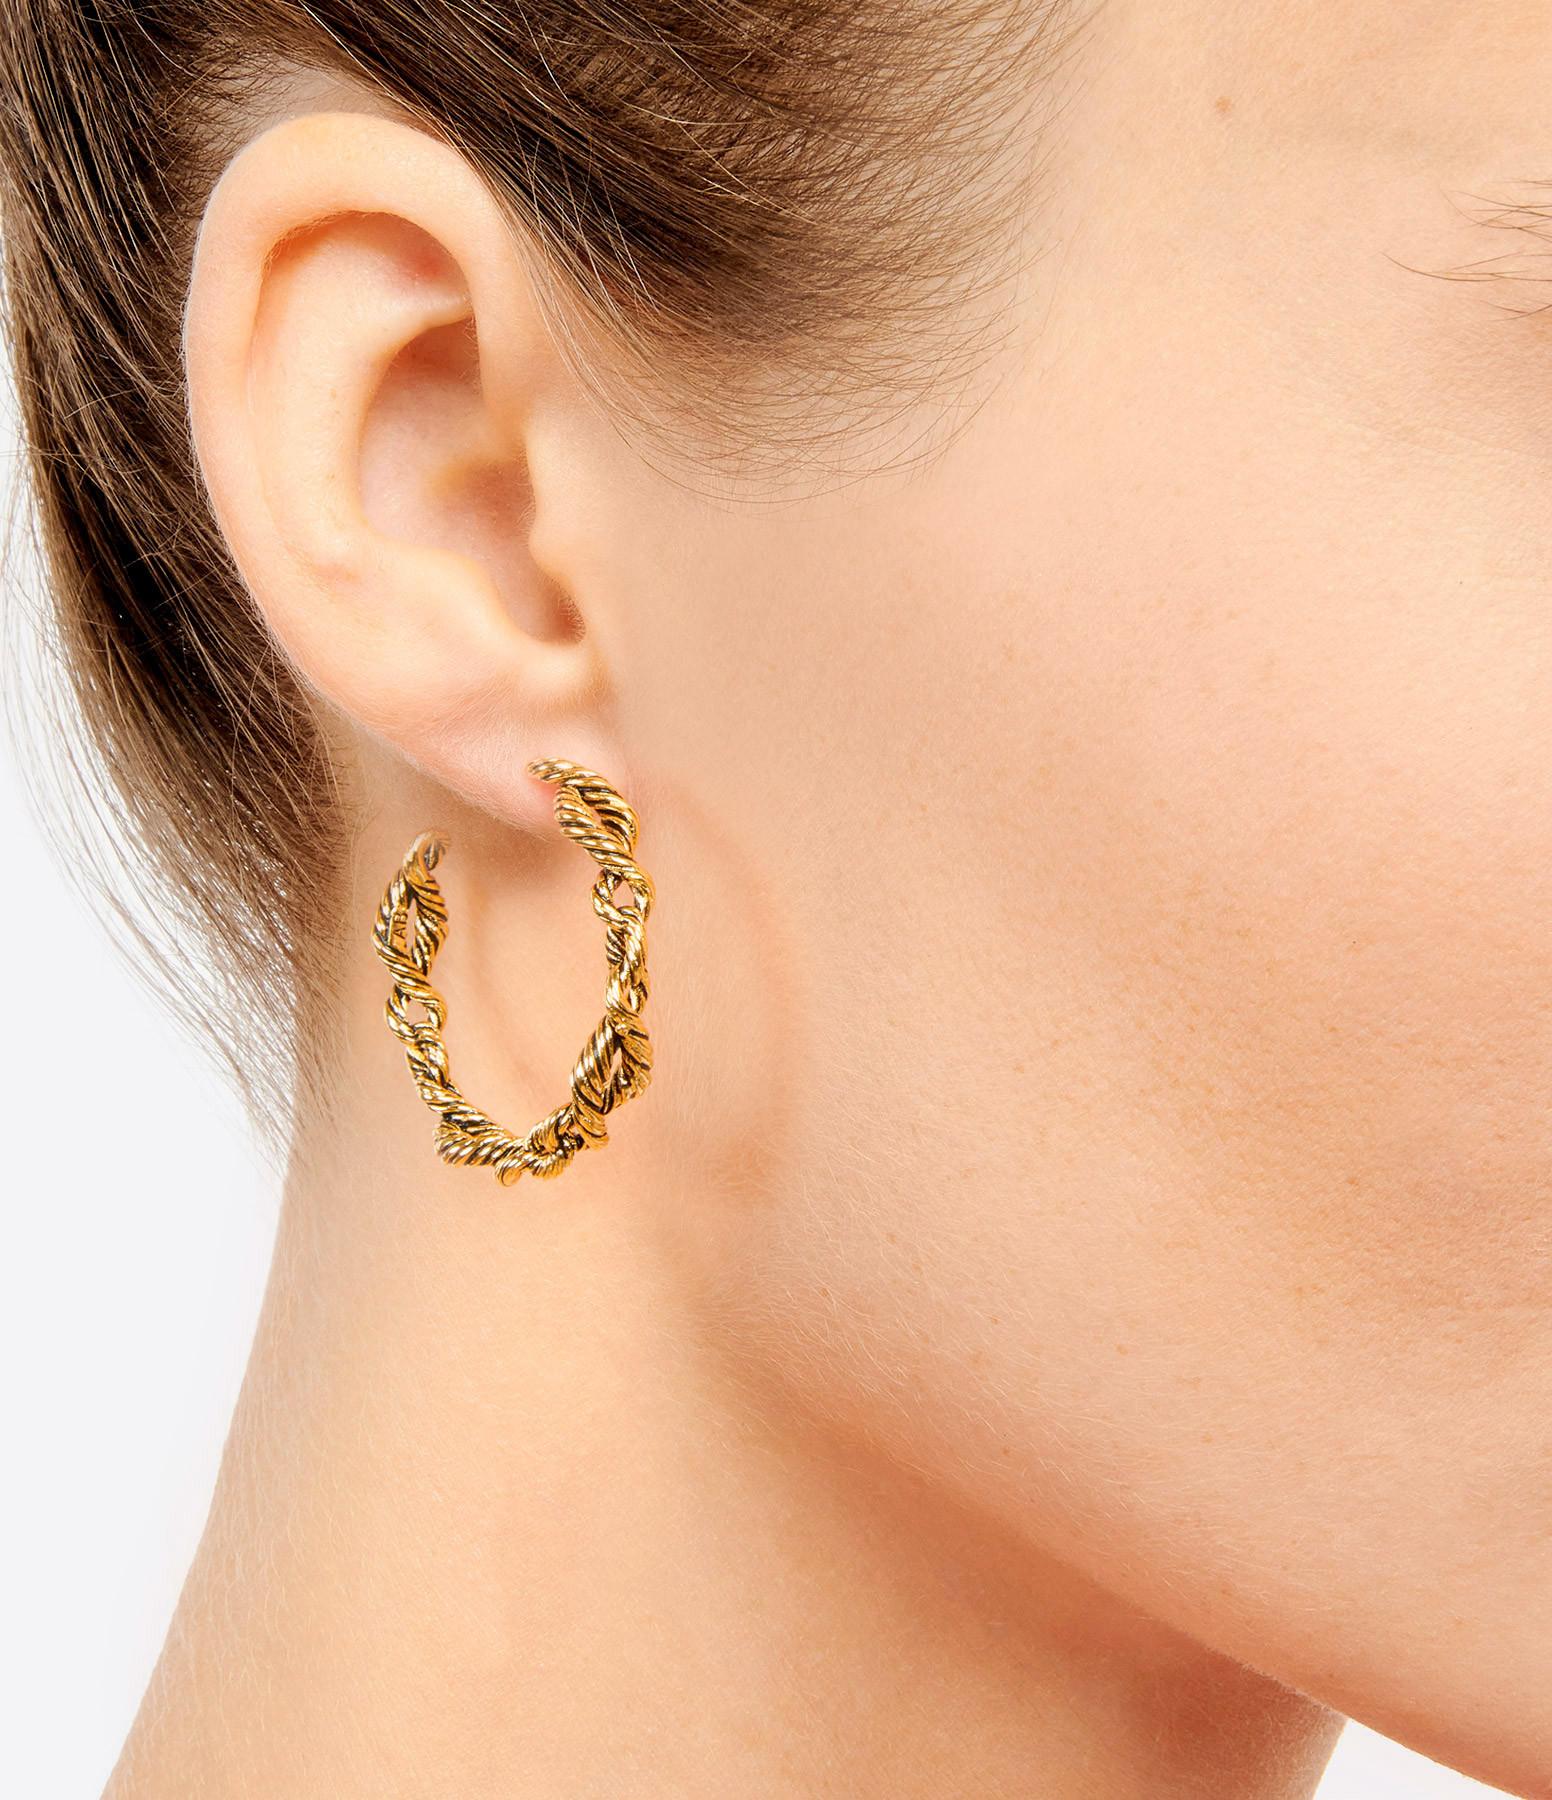 AURELIE BIDERMANN - Boucles d'oreilles Lola Plaqué Or Jaune